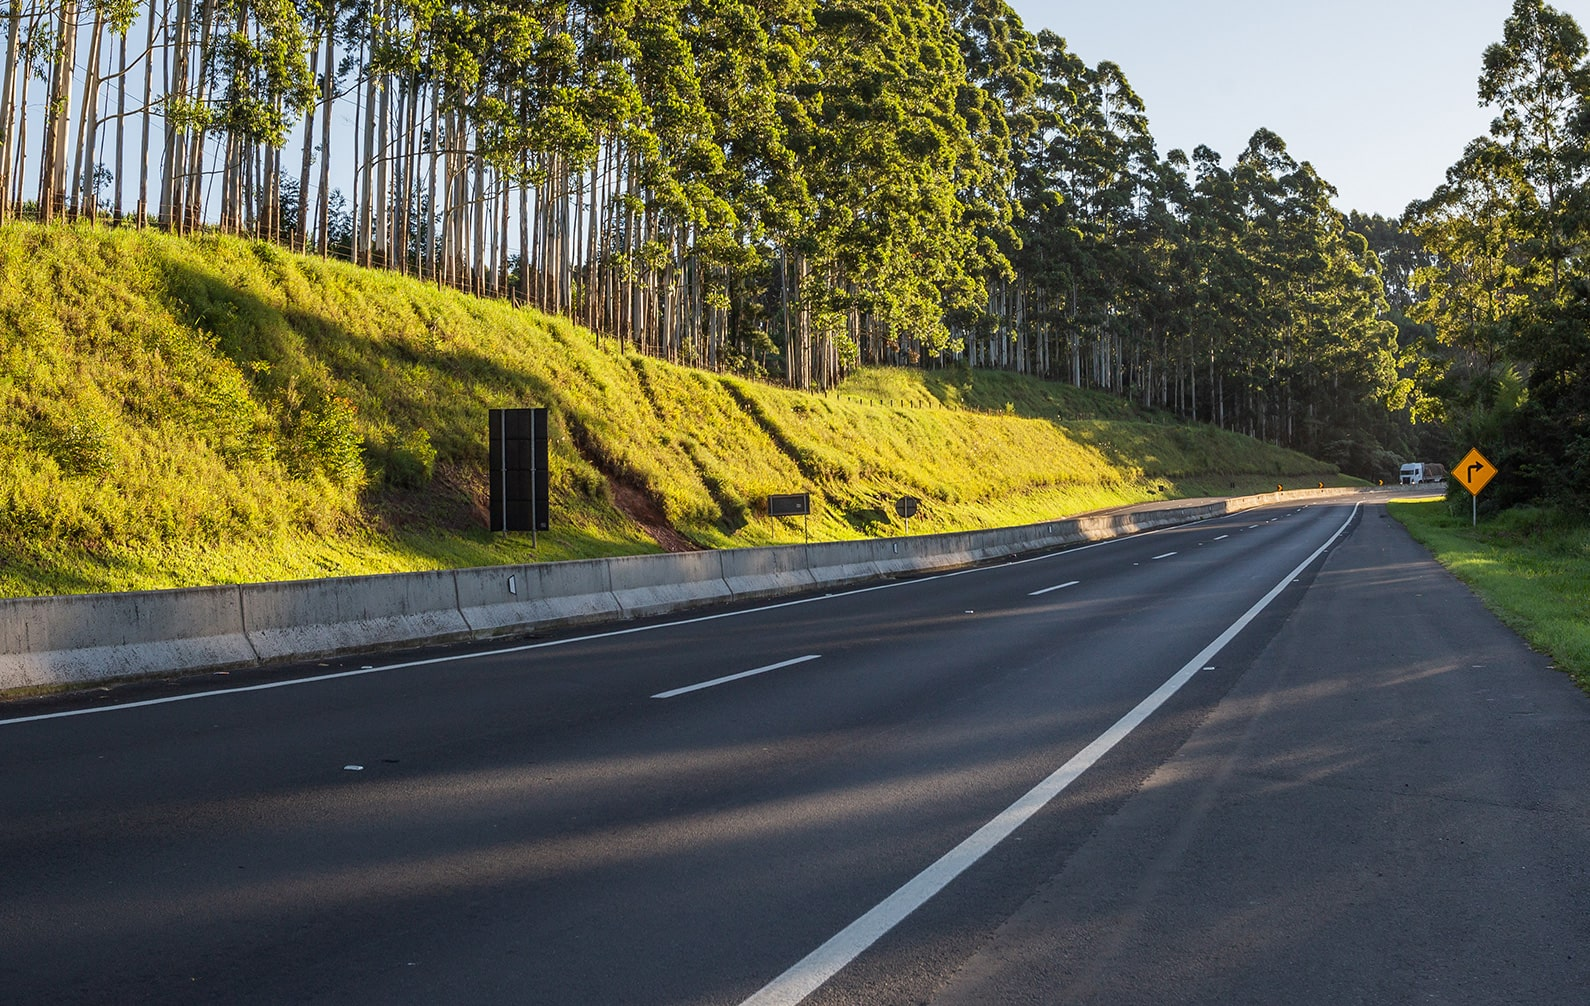 Programa de melhoria da manutenção de veículos movidos à Diesel